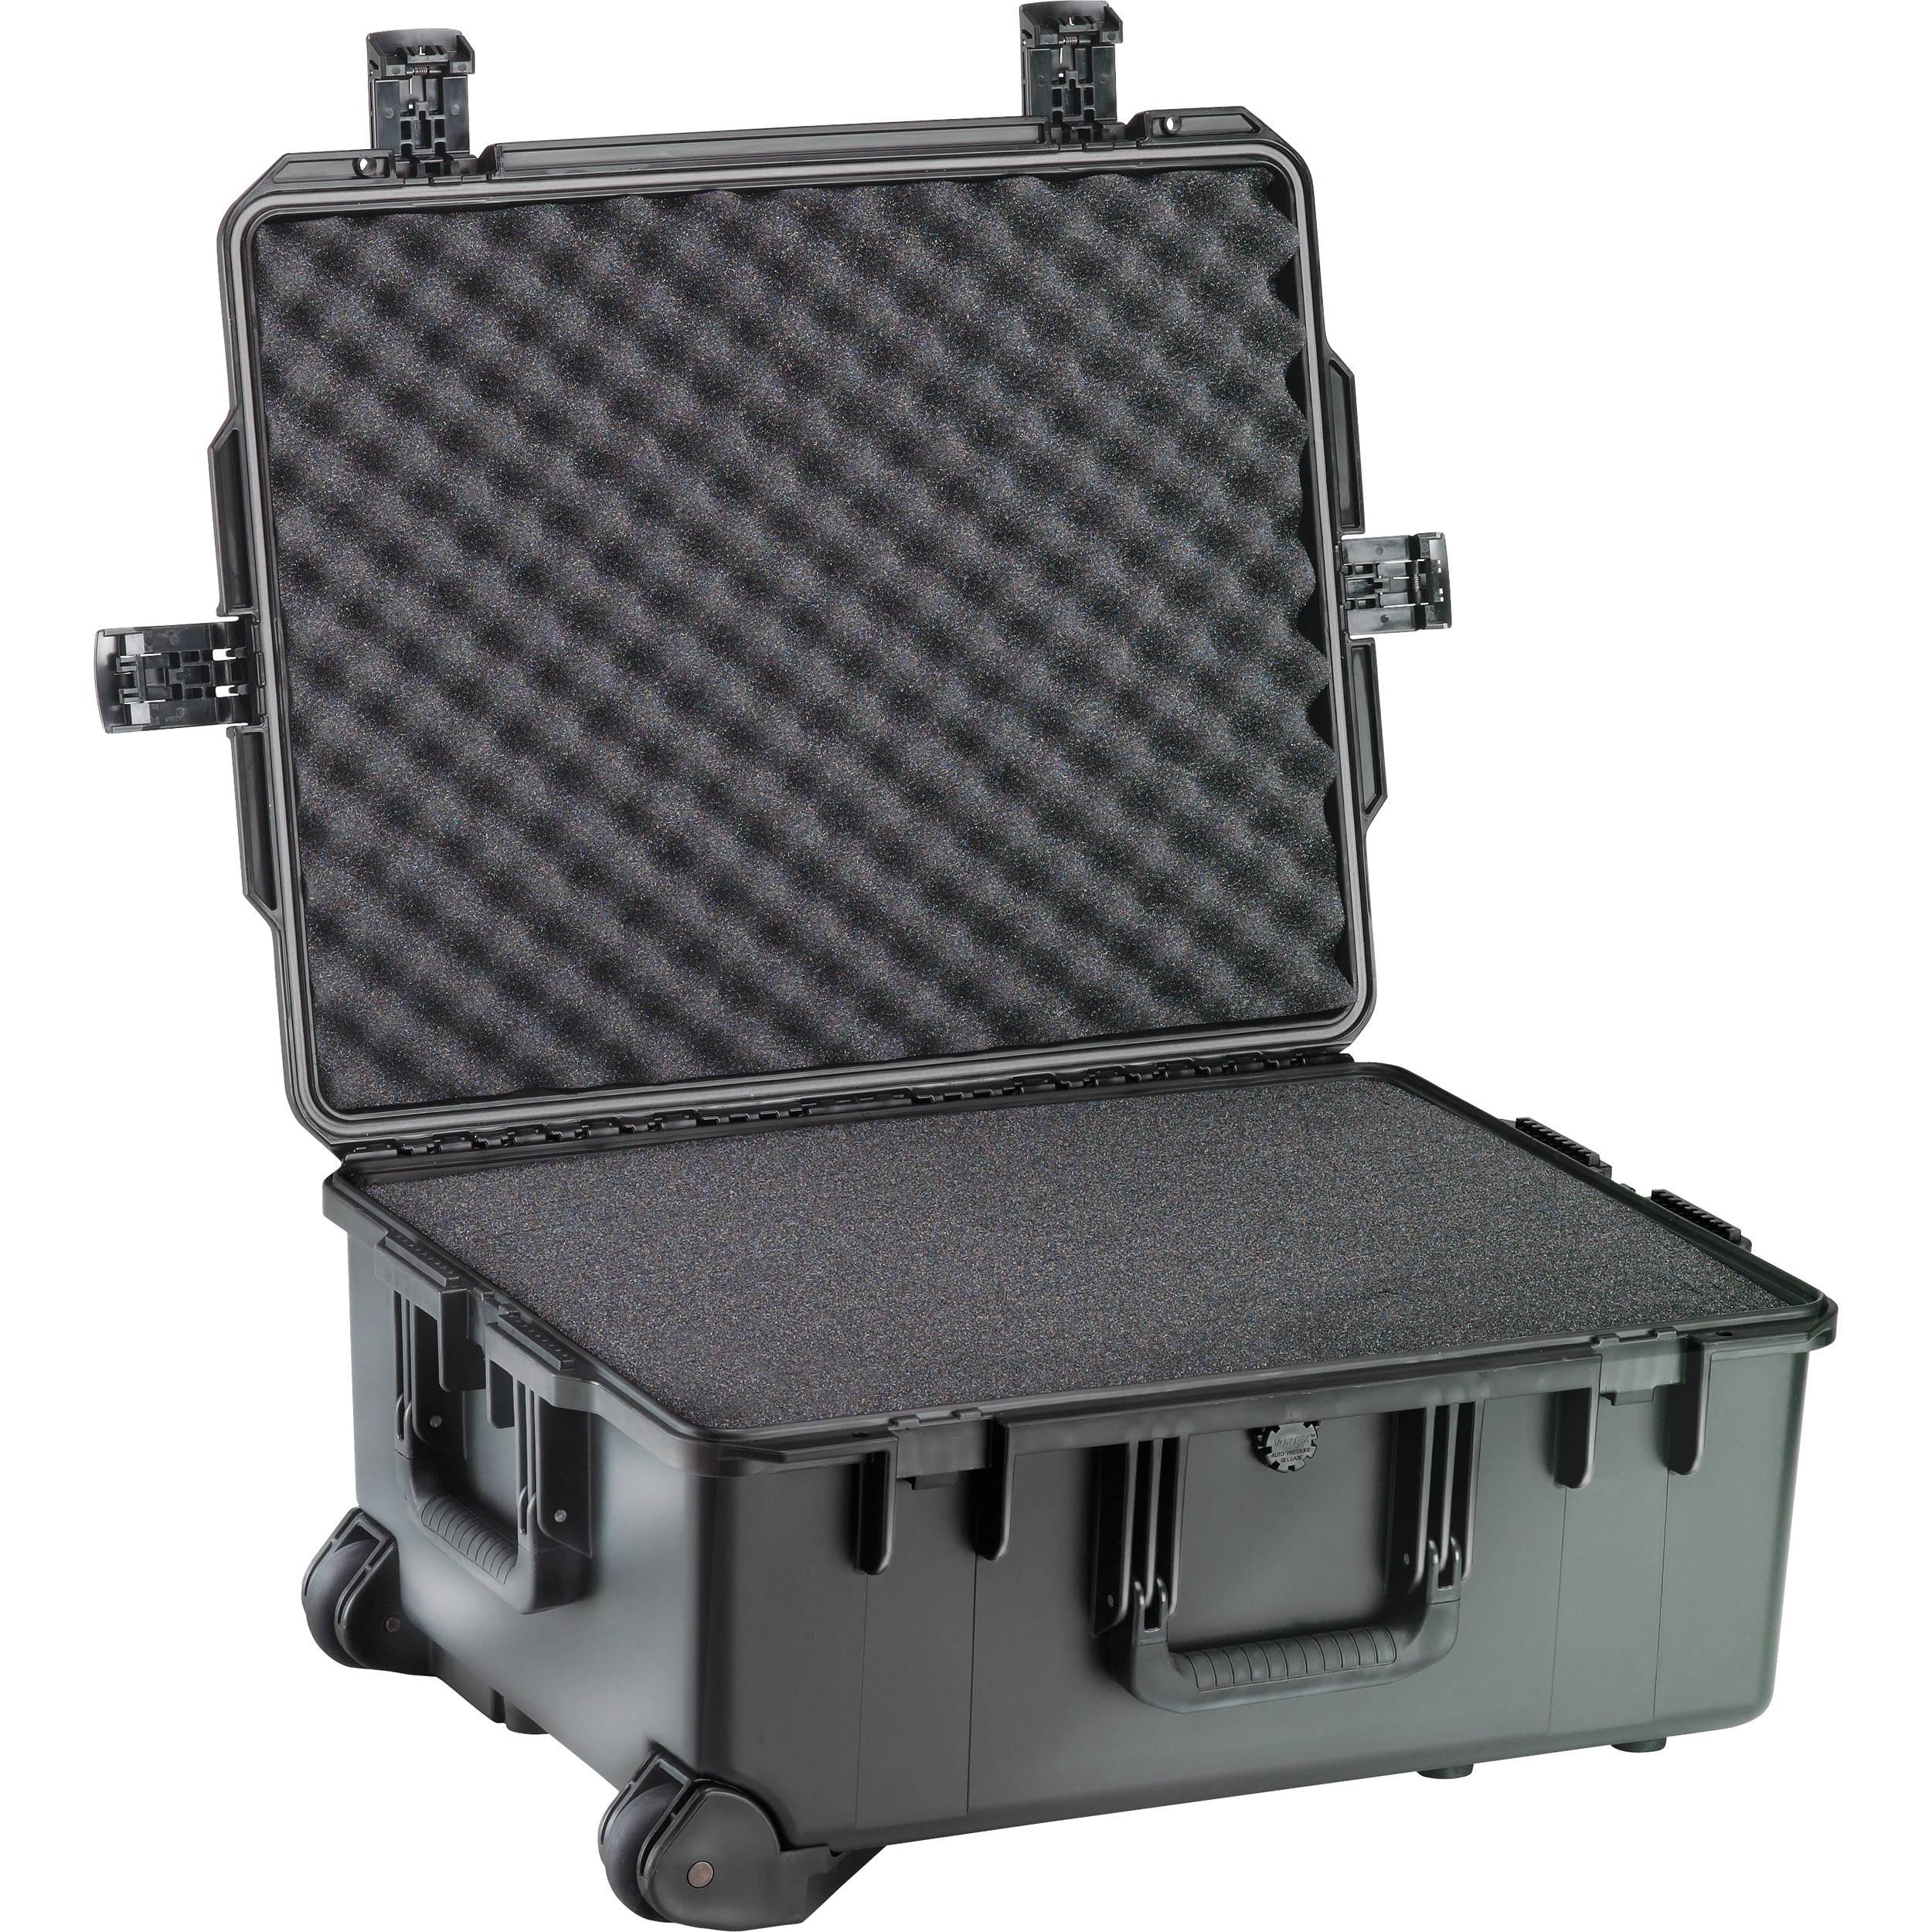 pelican im2720 storm trak case with foam black im2720 00001